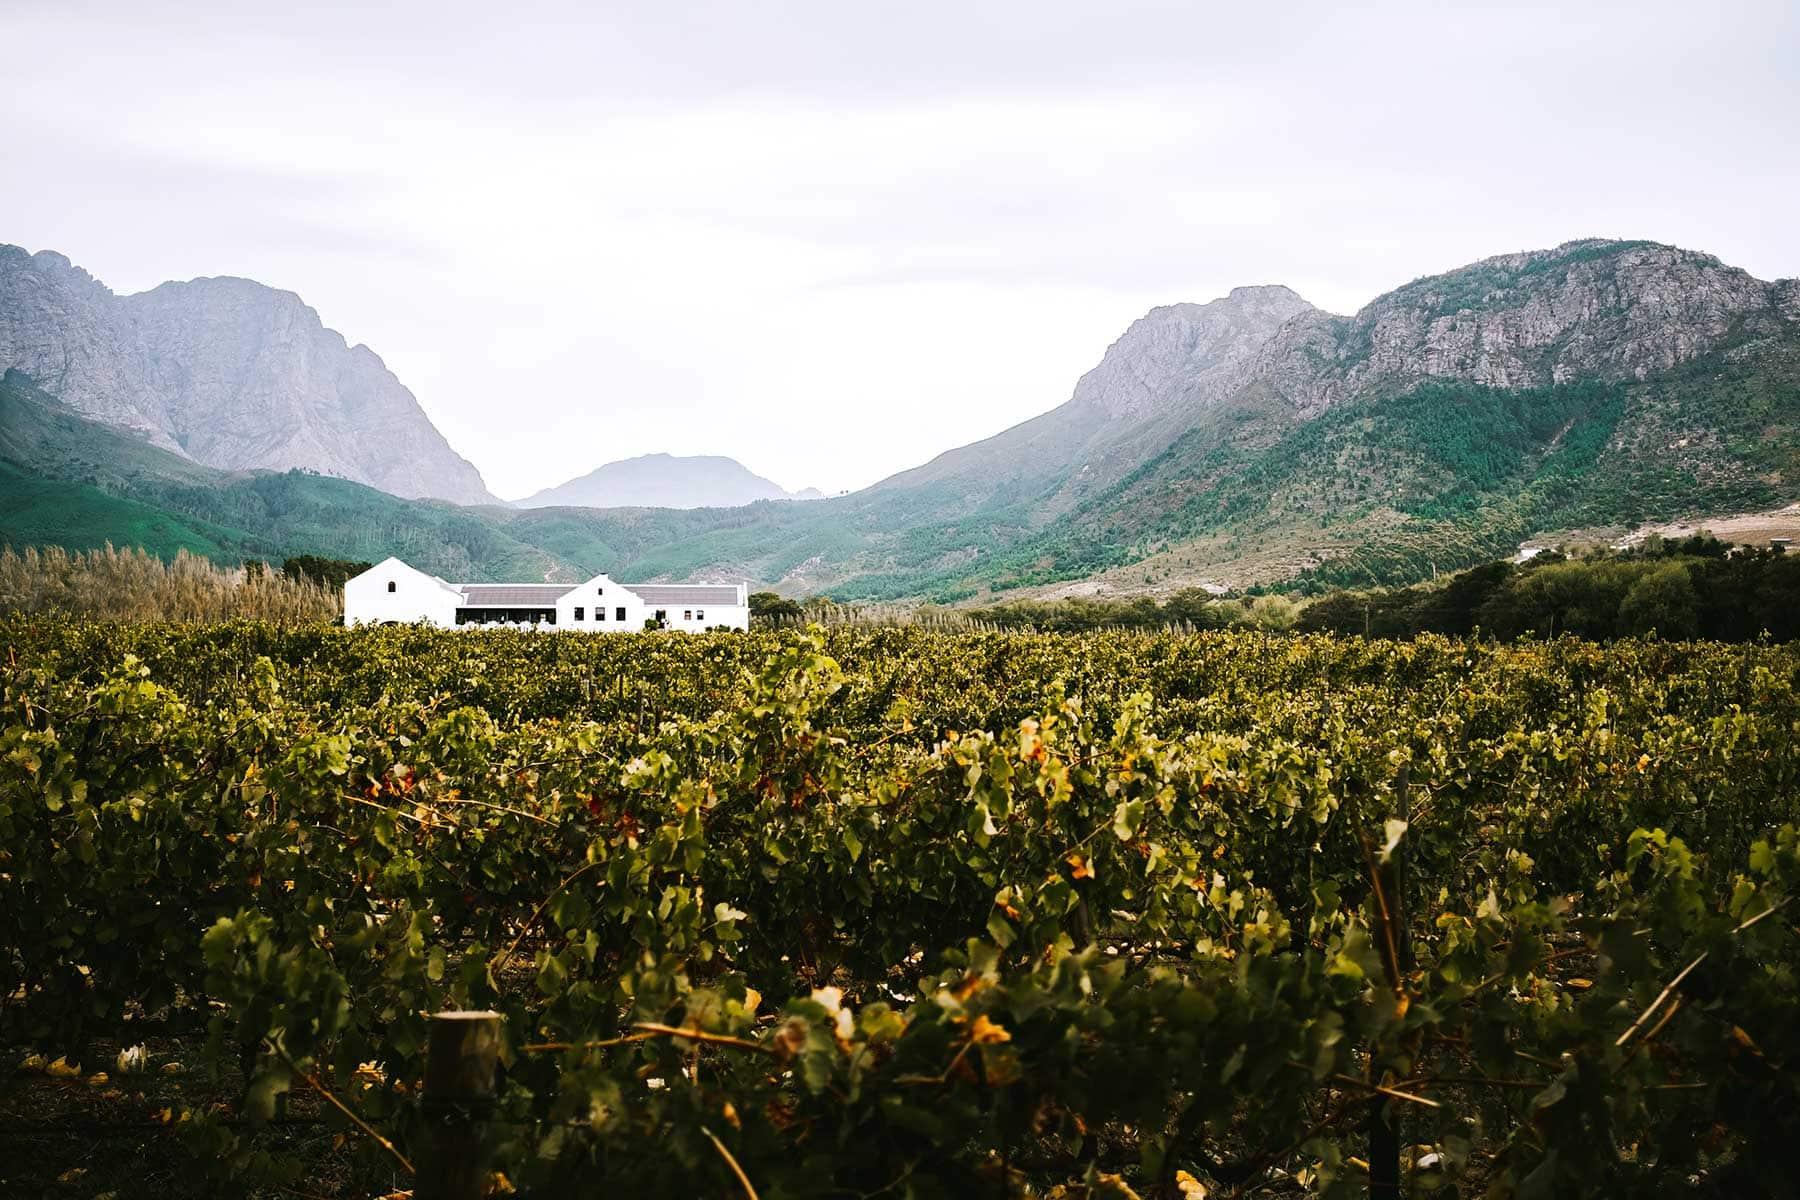 Resor-till-Kapstaden-med-Nygren-&-Lind-Resebyrå---franshhoeuk